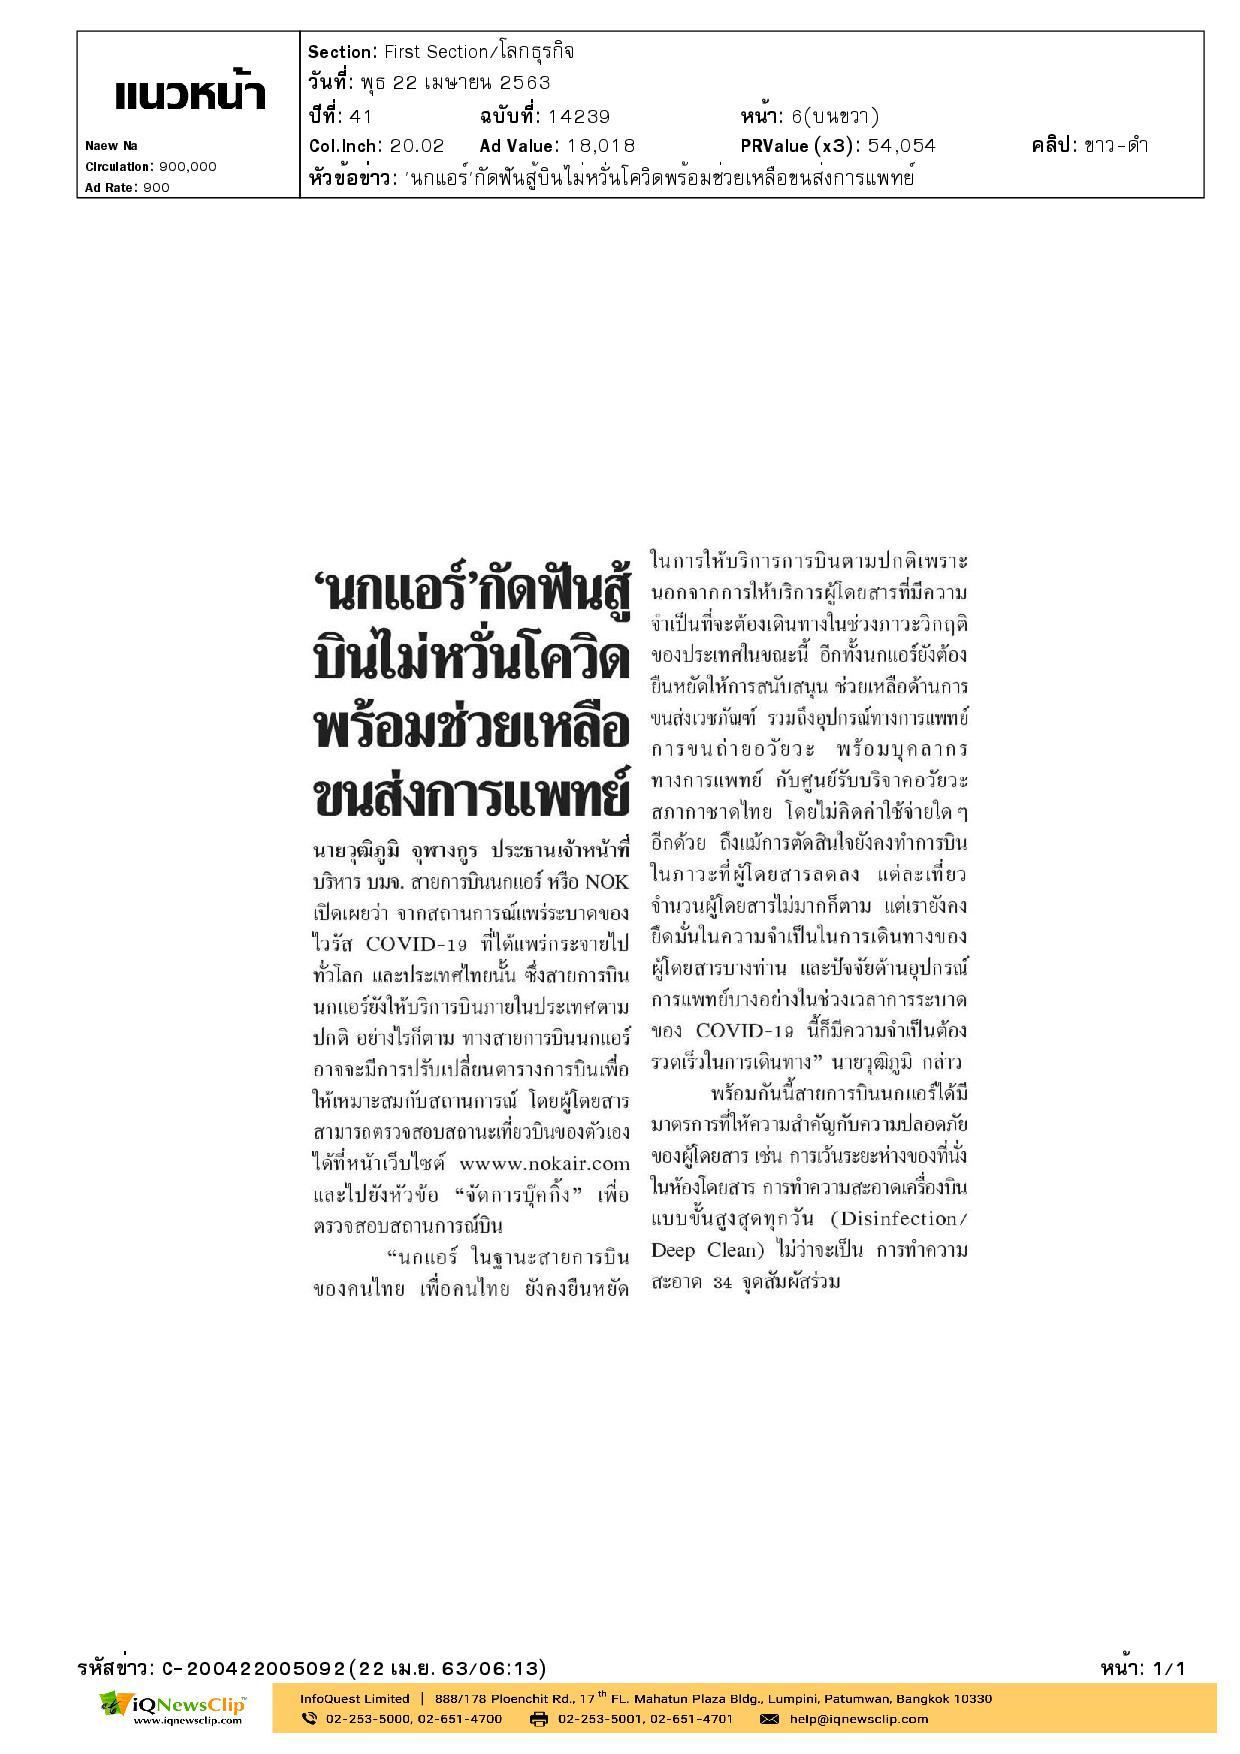 ศูนย์รับบริจาคอวัยวะสภากาชาดไทย